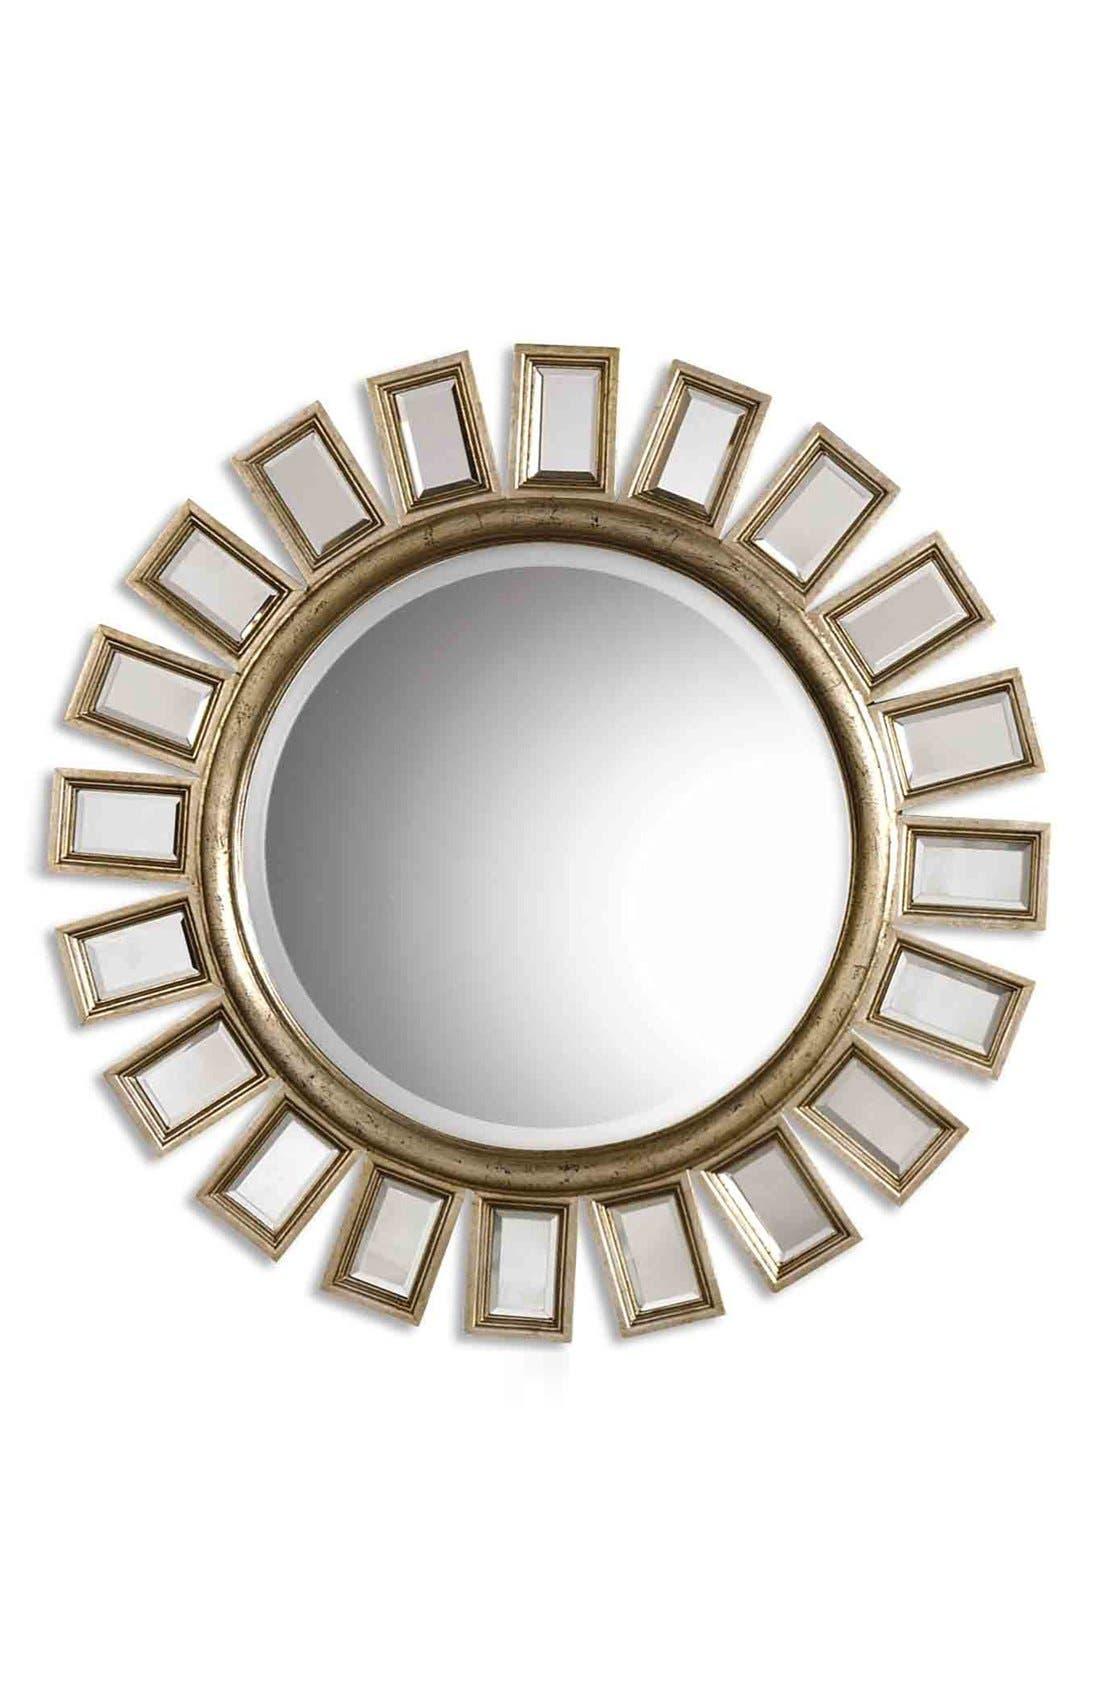 Main Image - Uttermost 'Cyrus' Round Mirror